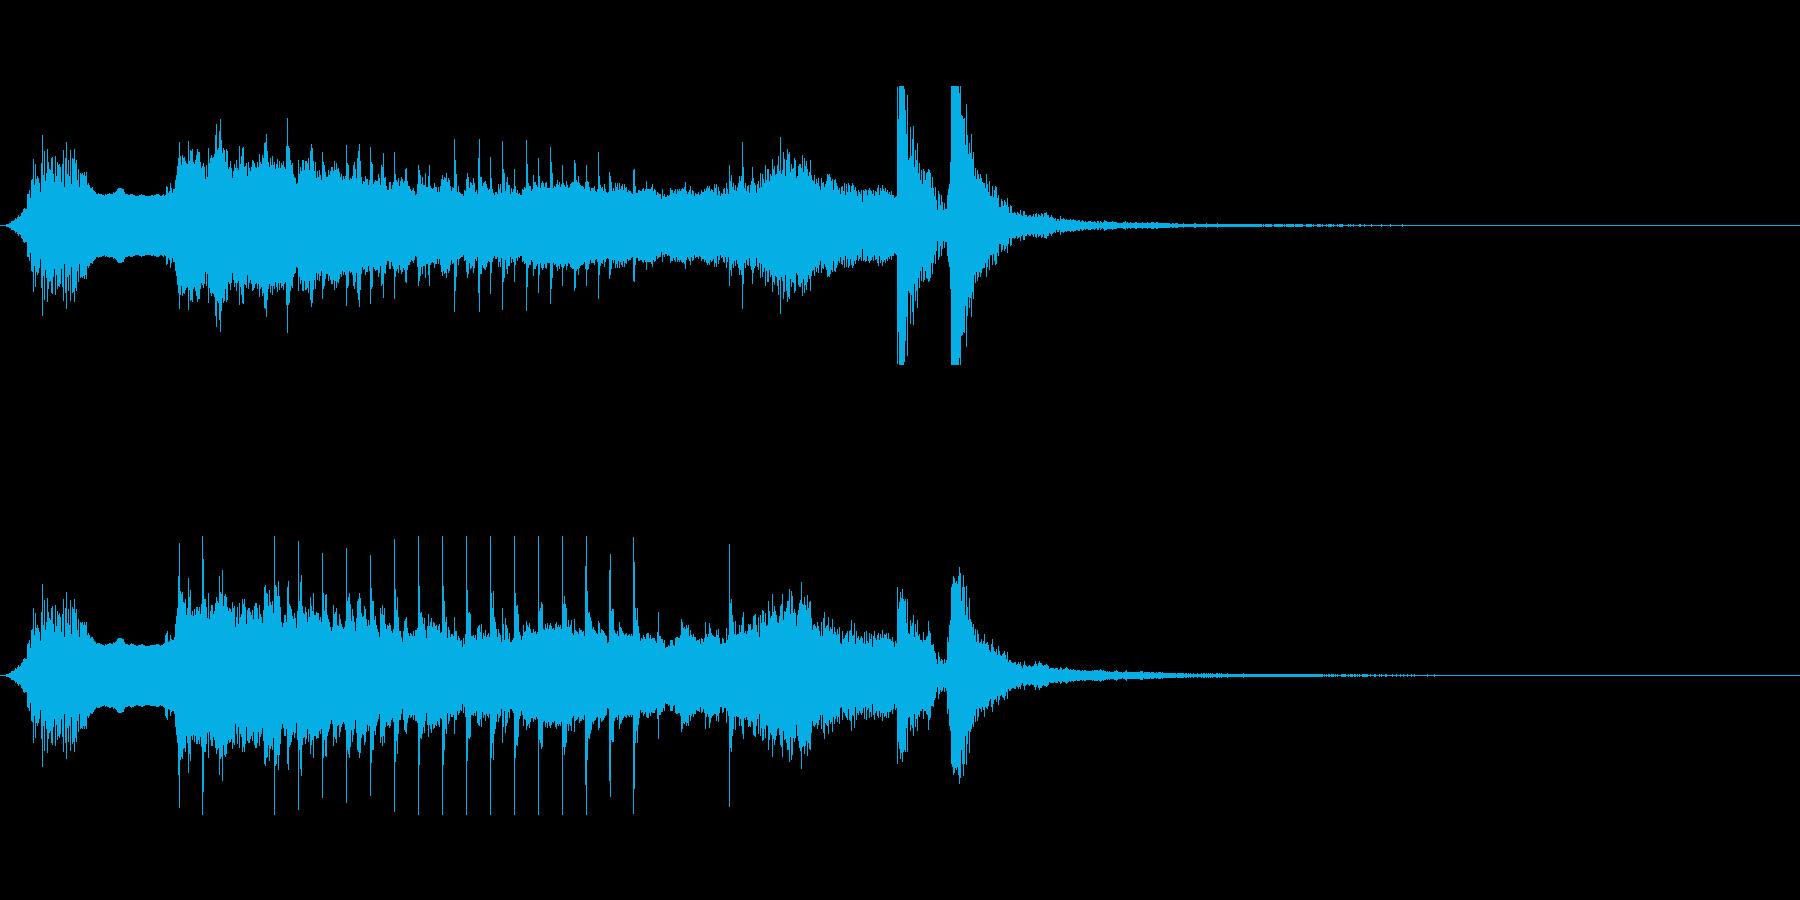 和楽器のサウンドでワンポイントなMEの再生済みの波形